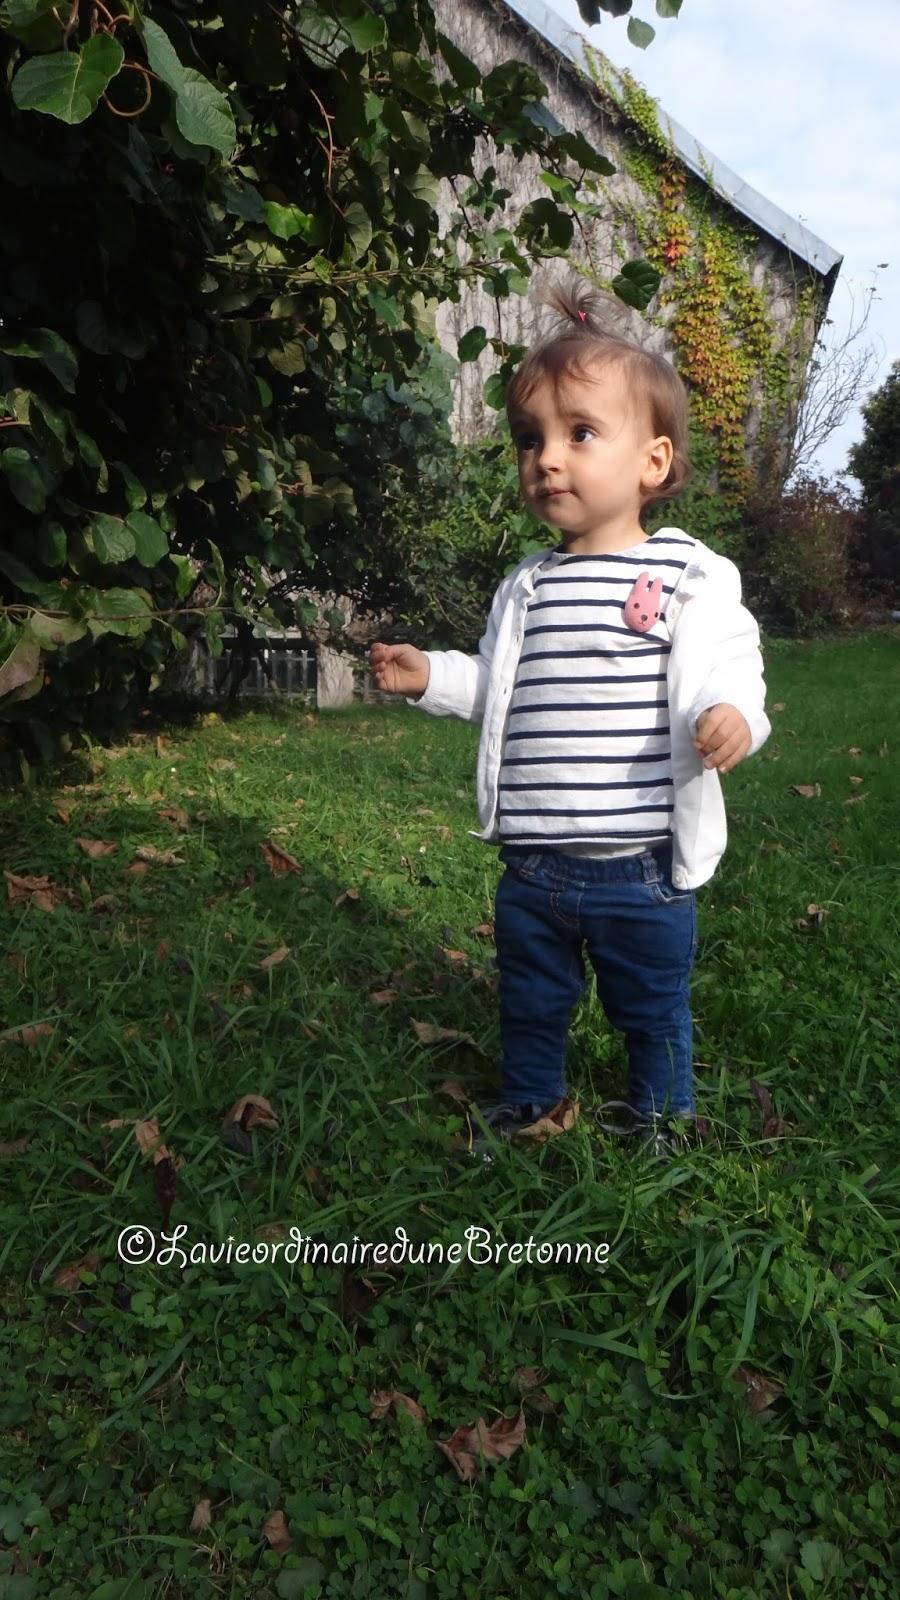 La vie ordinaire d 39 une bretonne brest dans le jardin de grand mamie - Mamie baise dans le jardin ...